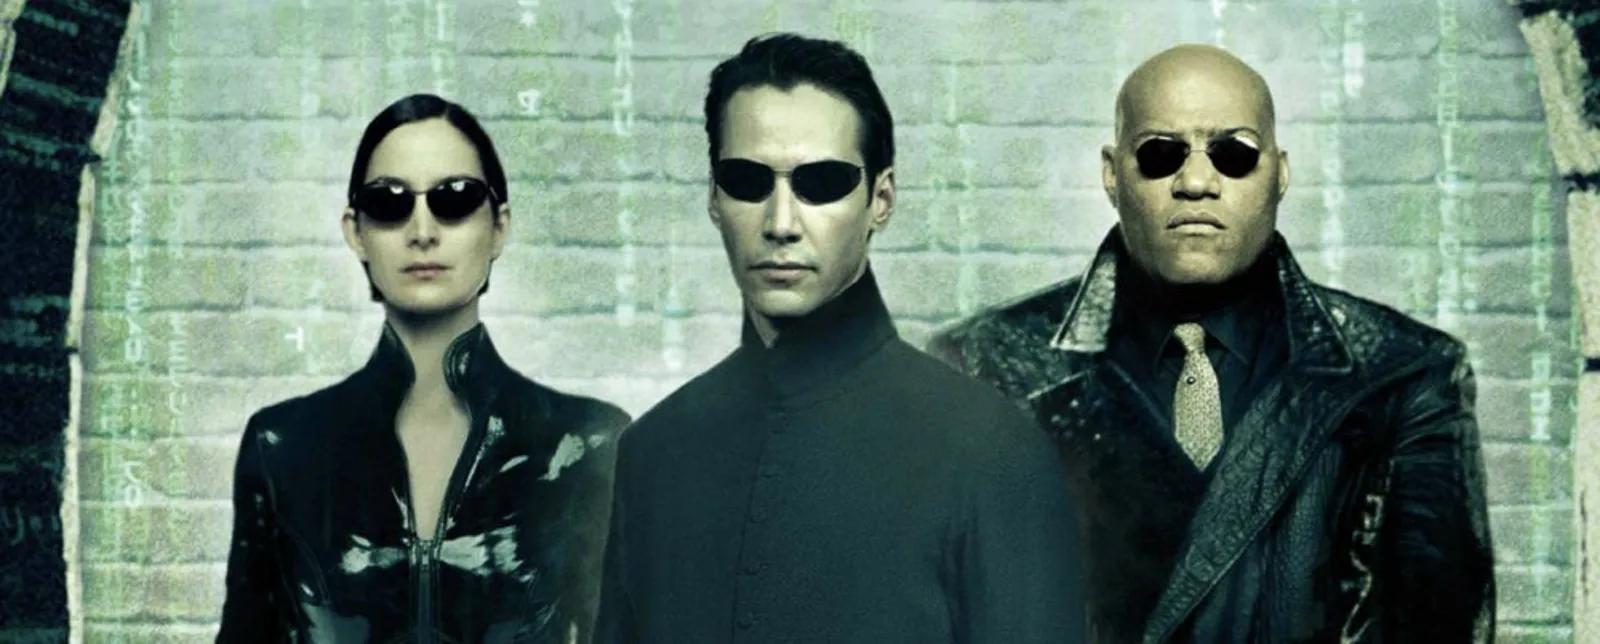 Novedades sobre Matrix 4: fecha de estreno y más fichajes confirmados